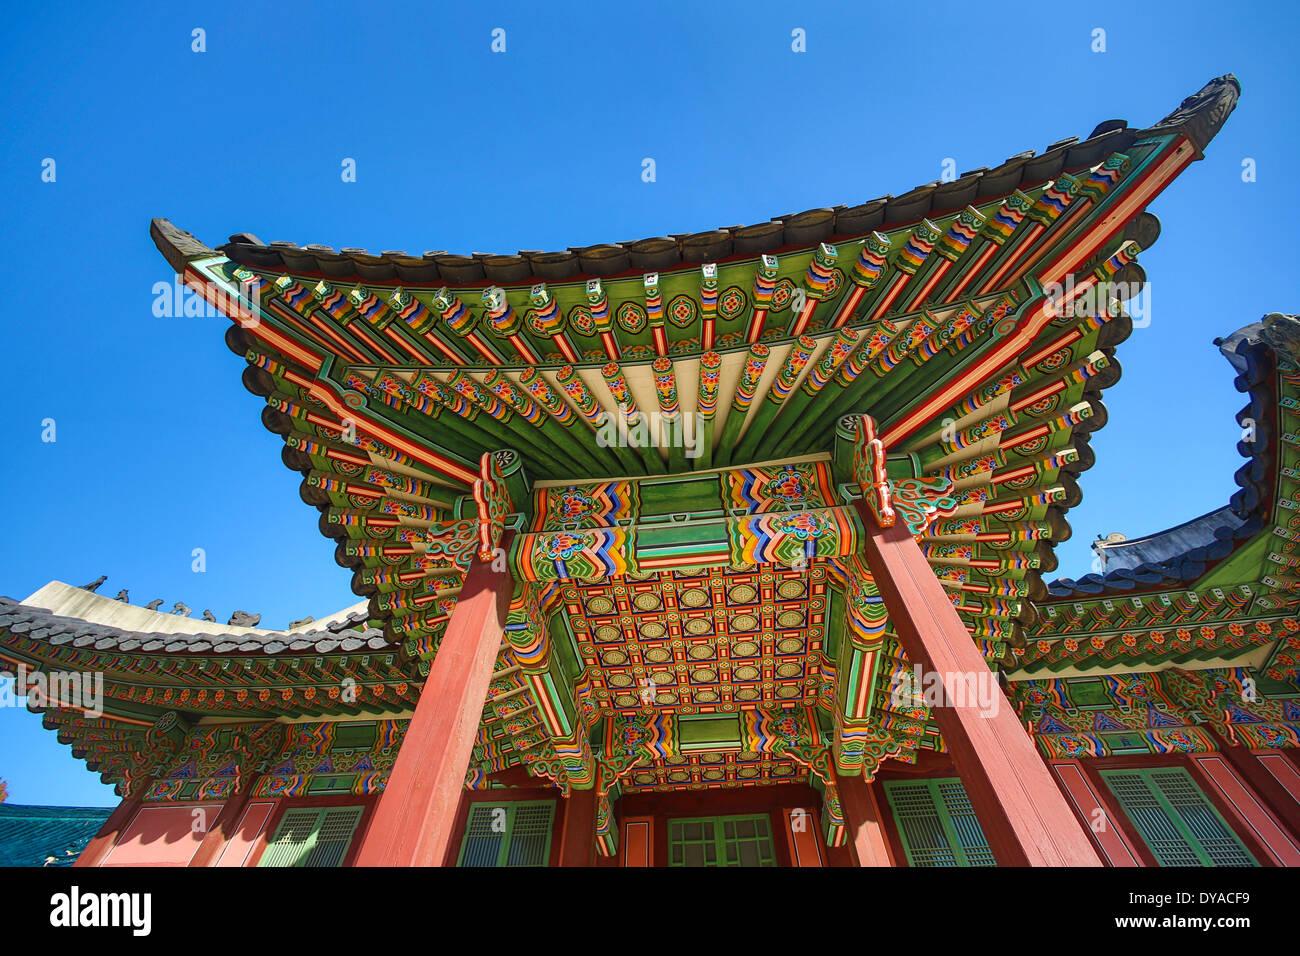 Eredità di Mondo, Gyeongbokgung, Corea, Asia, Seoul, architettura, soffitto, colorato, storia, palace, turistica, viaggi, Unesco Immagini Stock